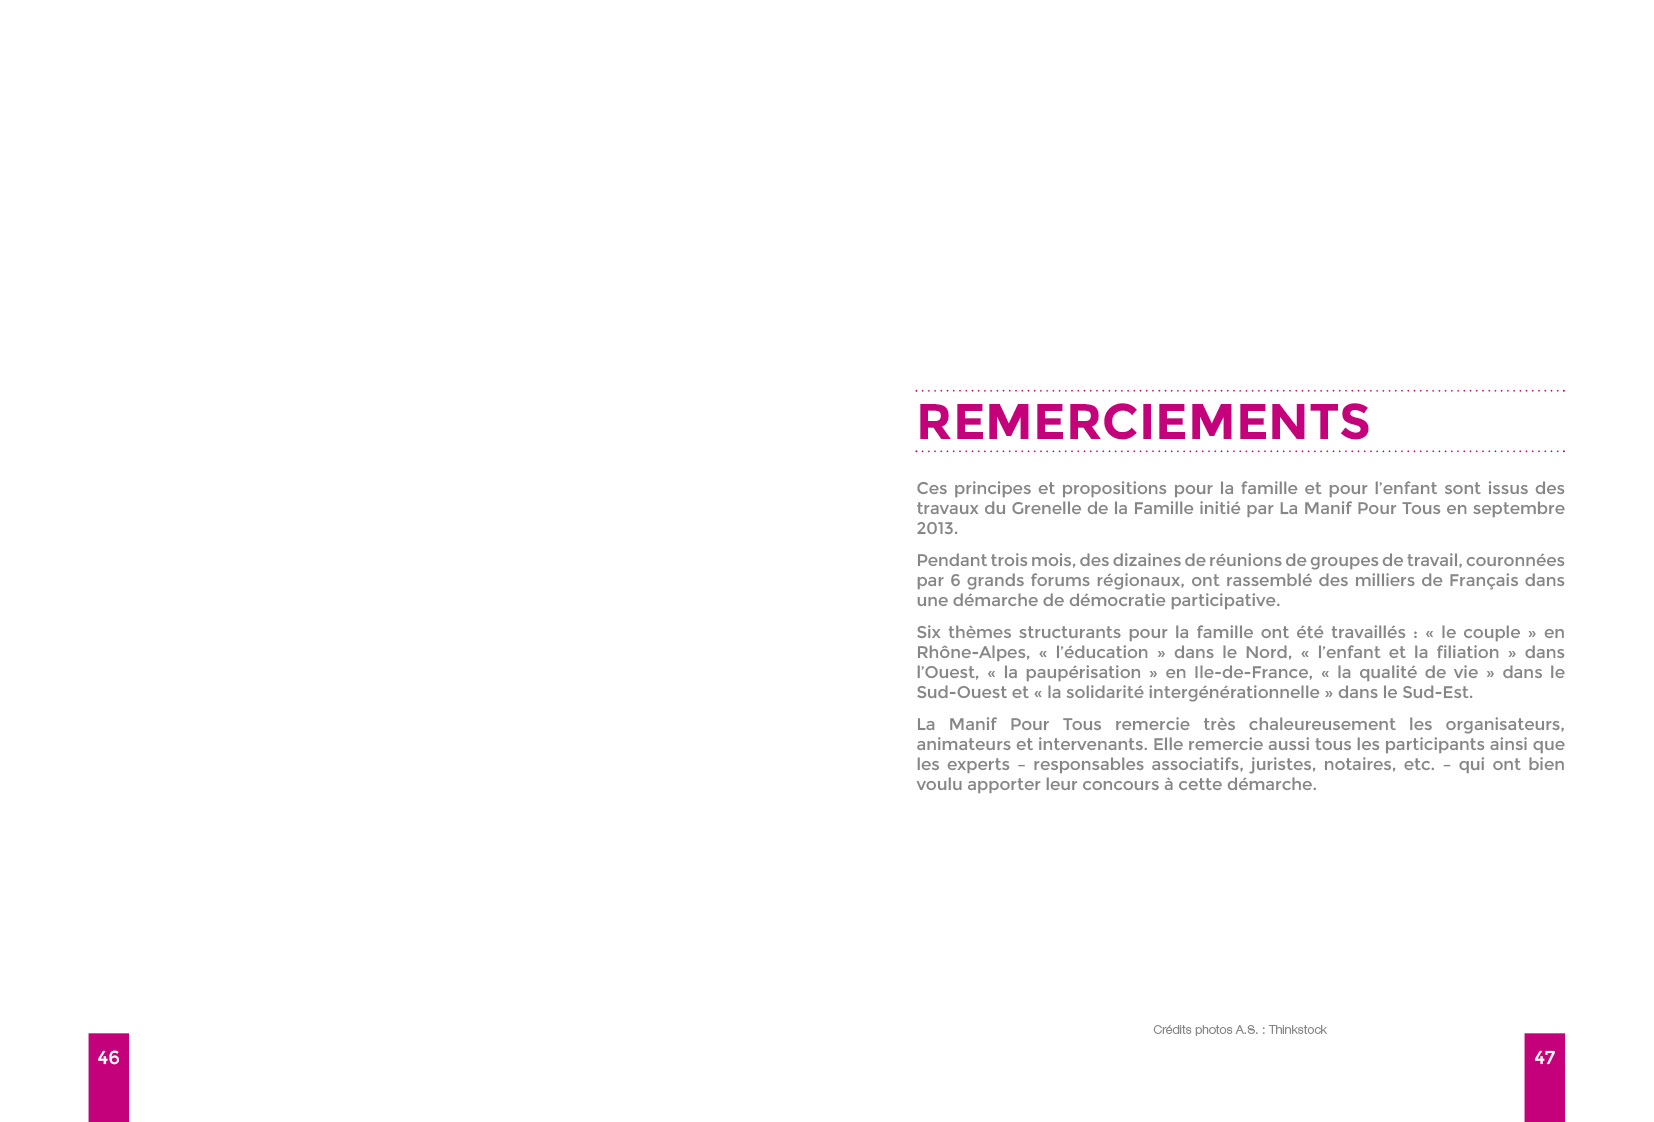 HD-Livret-Grenelle-pourweb24